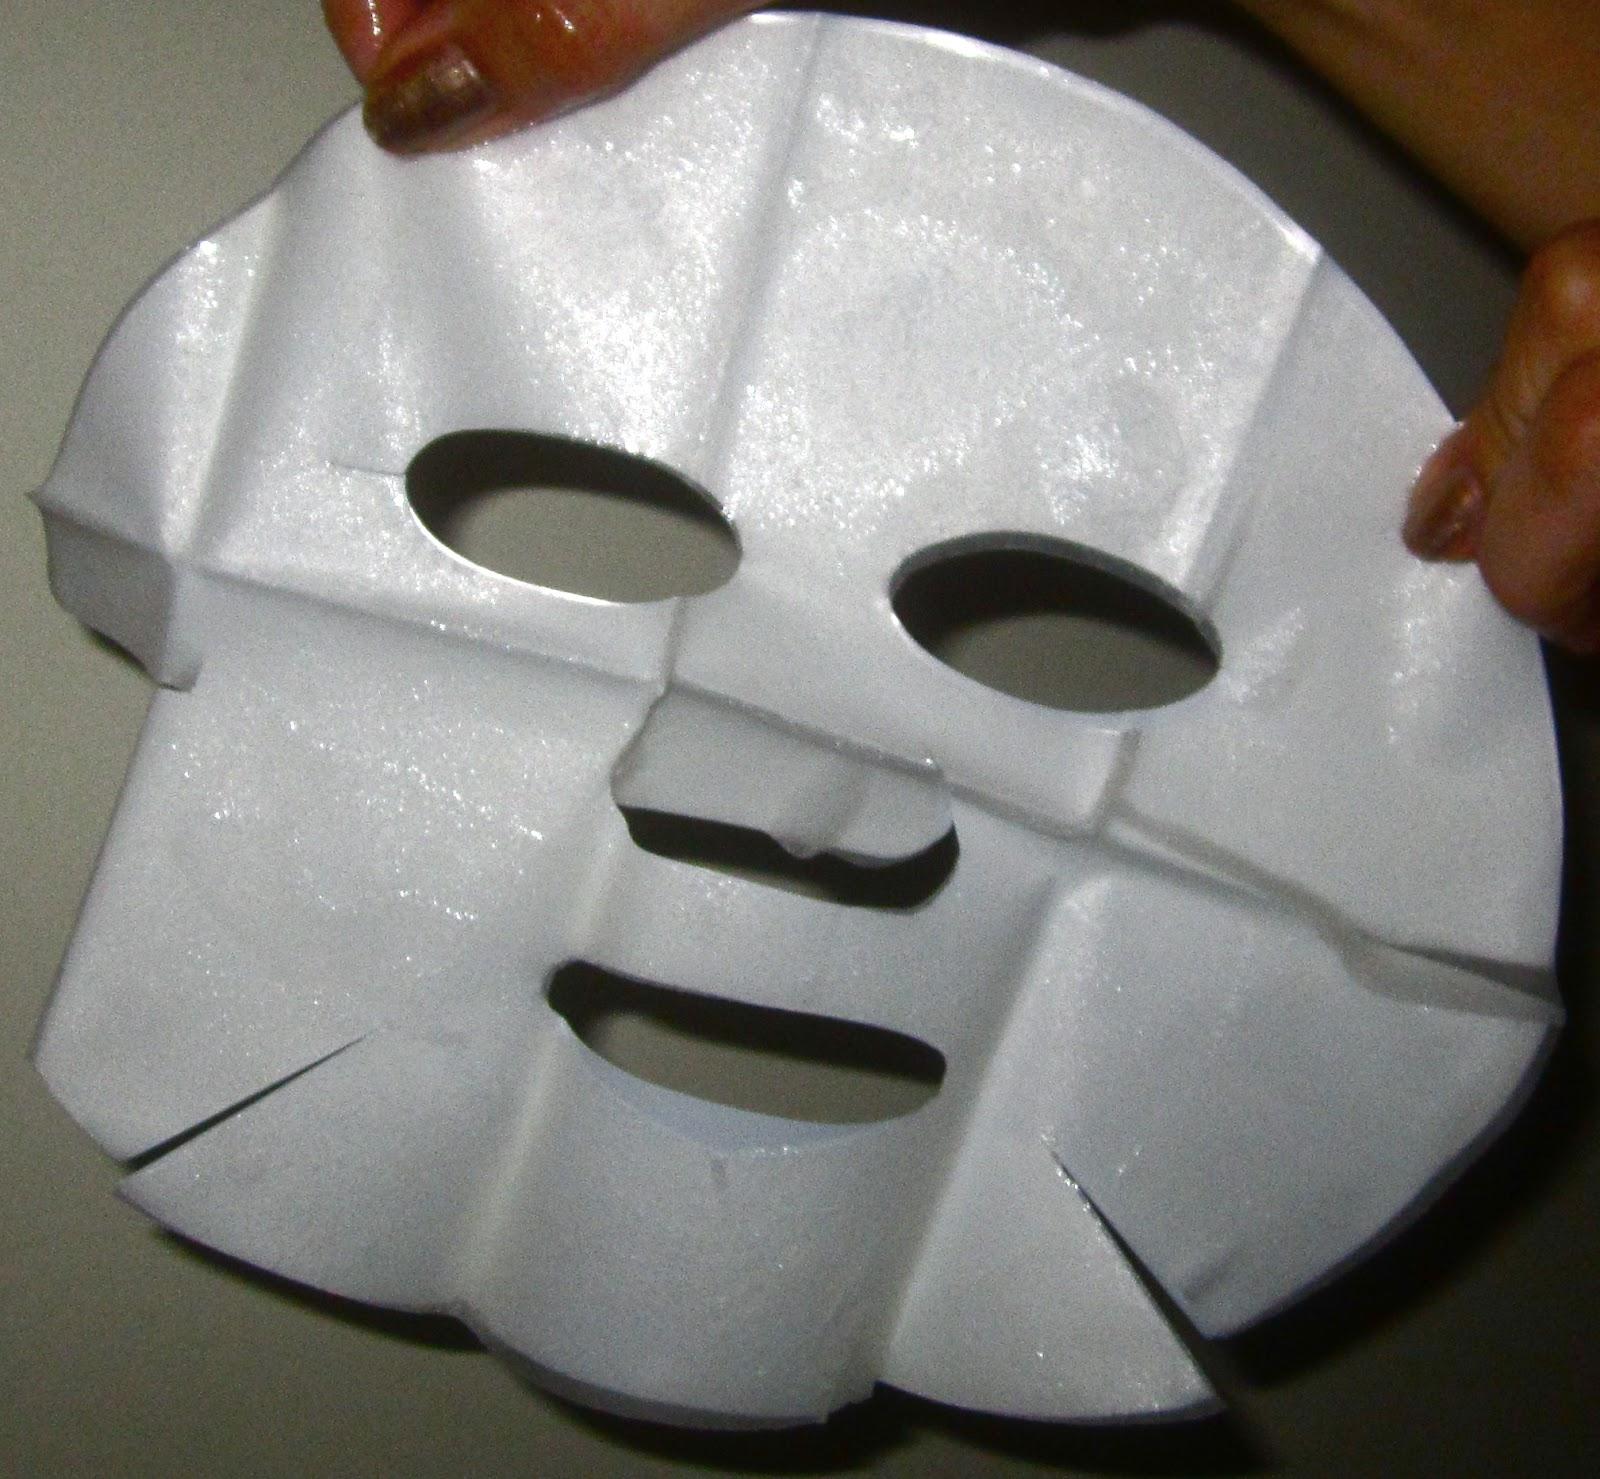 http://2.bp.blogspot.com/-mQ_PvtU_-Ws/T7GvbT8a4AI/AAAAAAAACNU/hR_nTh3whvc/s1600/IMG_1869.JPG